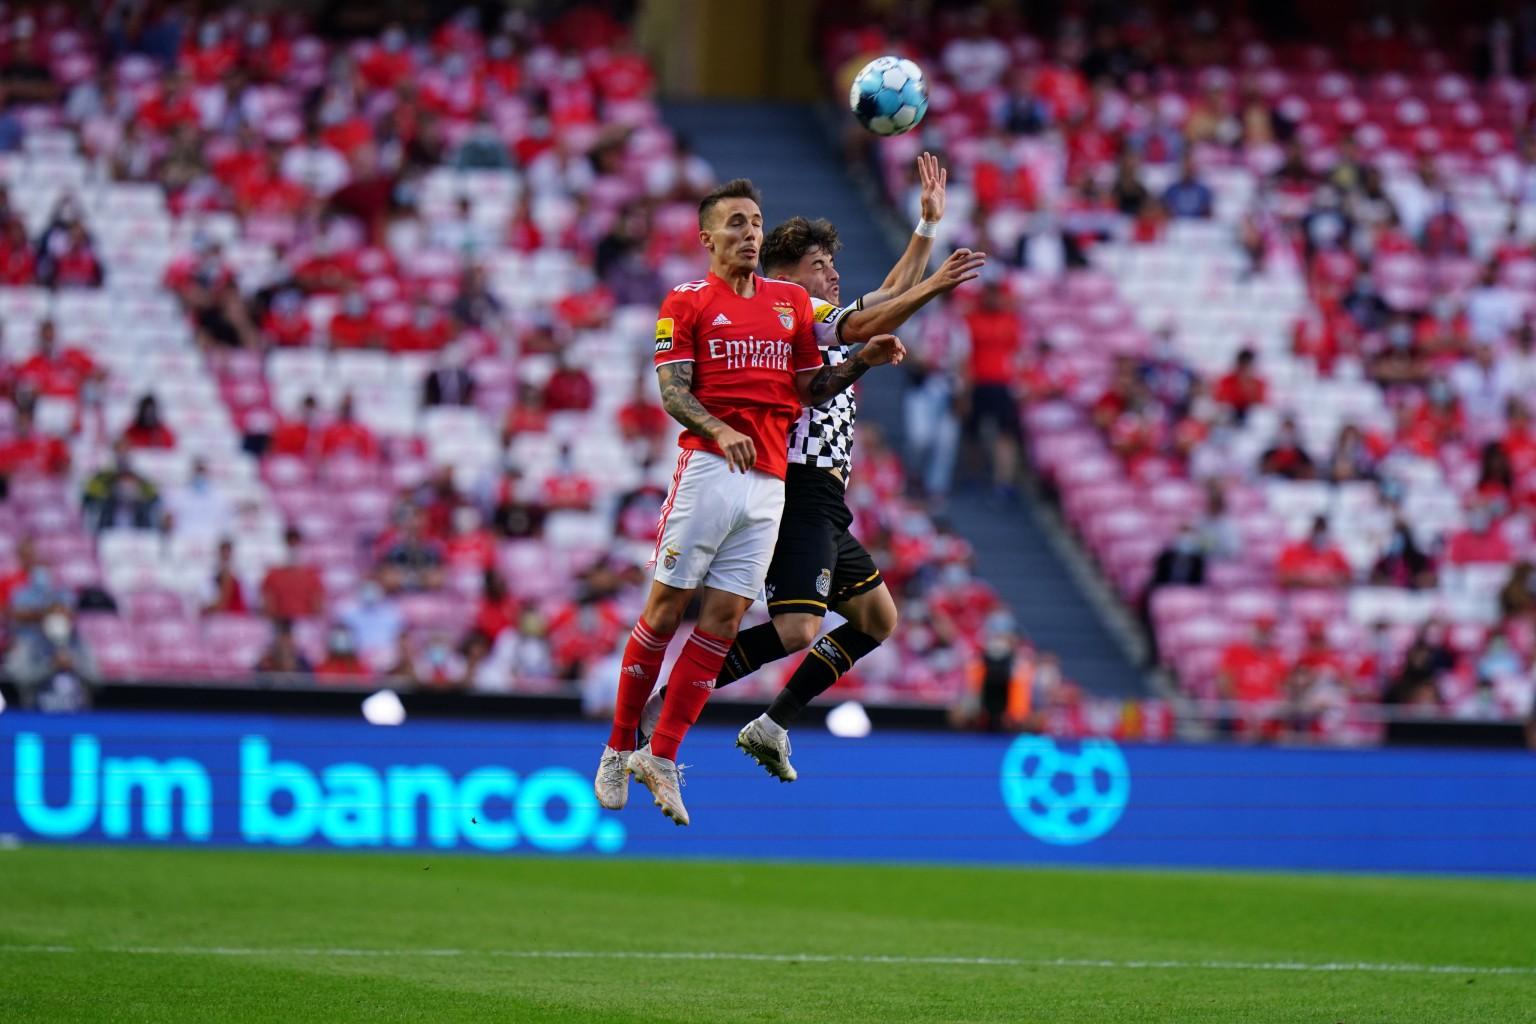 Comienza este viernes la fecha 7 de la Primeira Liga de Portugal